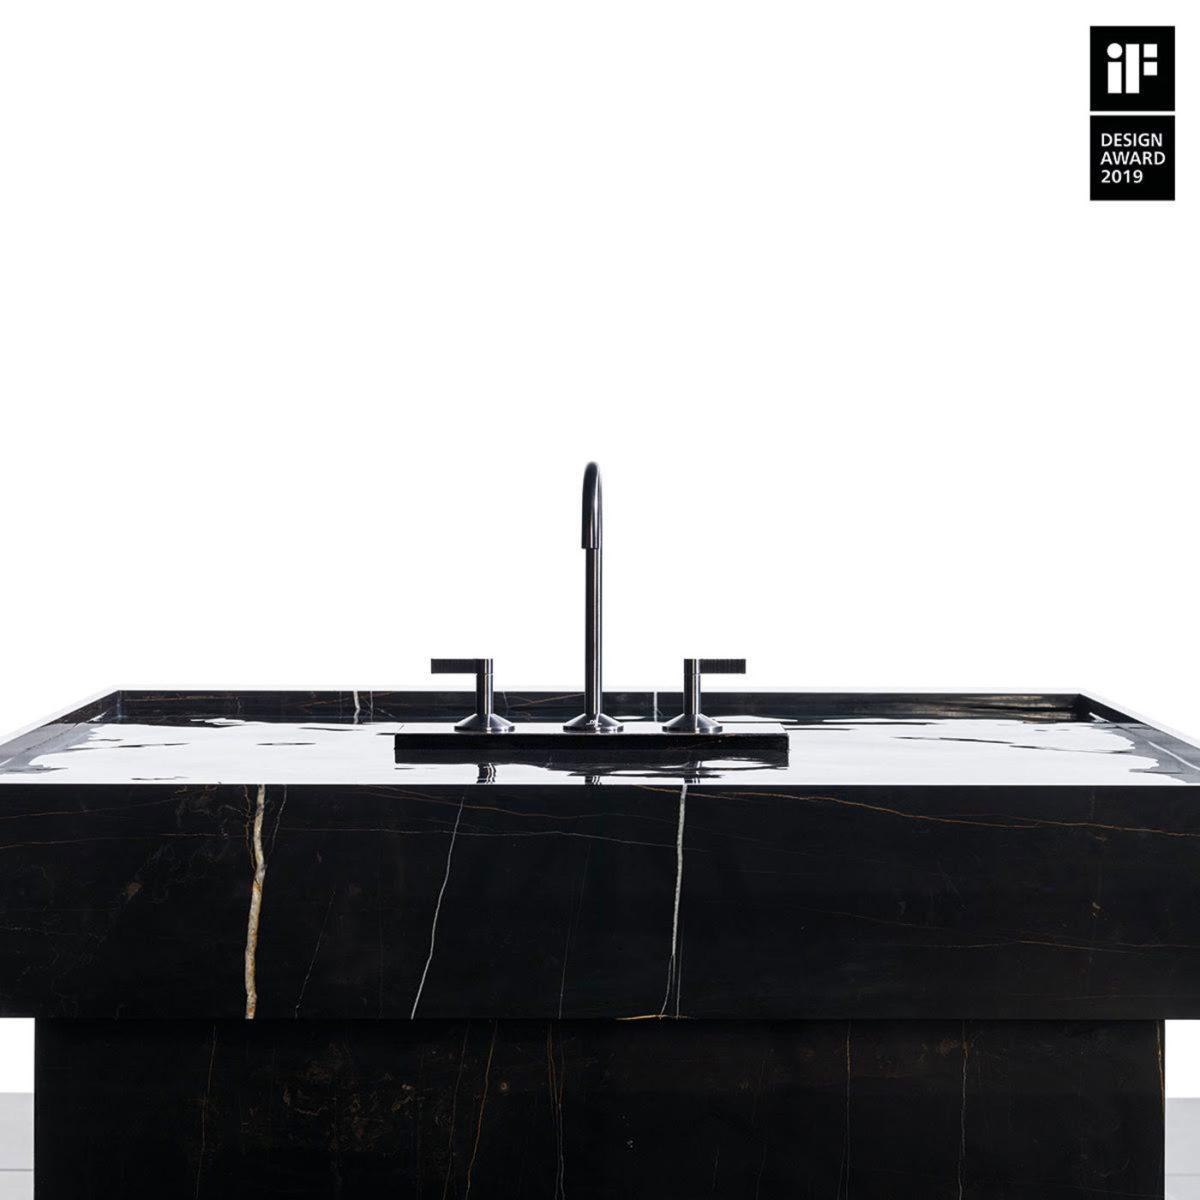 Porcelanosa Meuble De Salle De Bain lignage » de porcelanosa remporte le prix du meilleur design